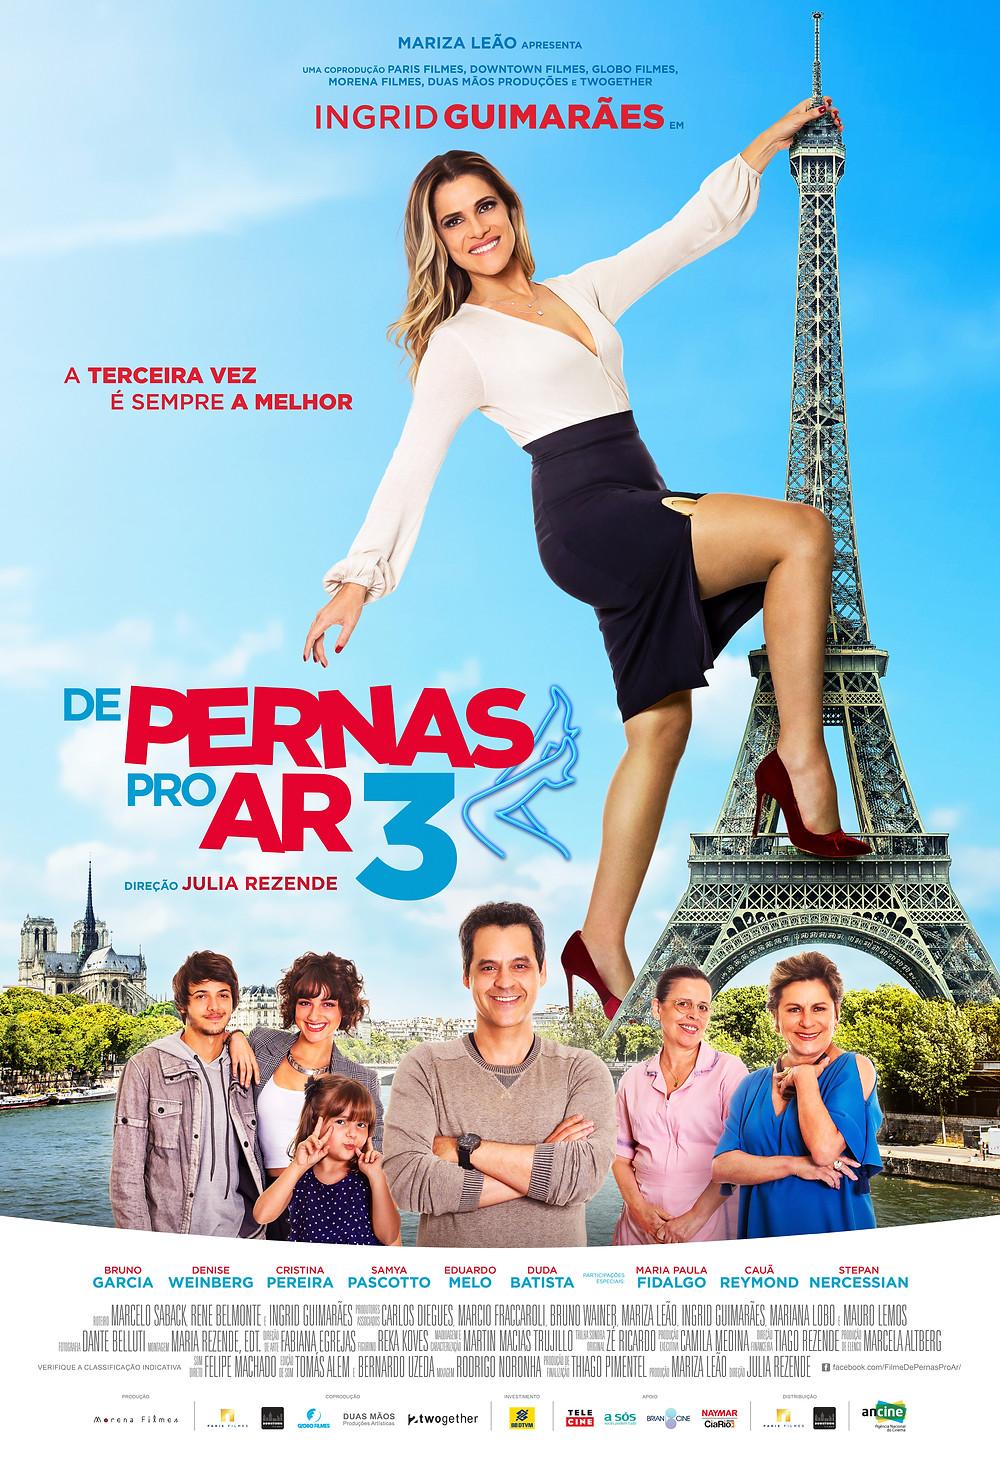 Cartaz oficial do filme De Pernas pro Ar 3 (2019) | Divulgação (Downtown Filmes / Paris Filmes)